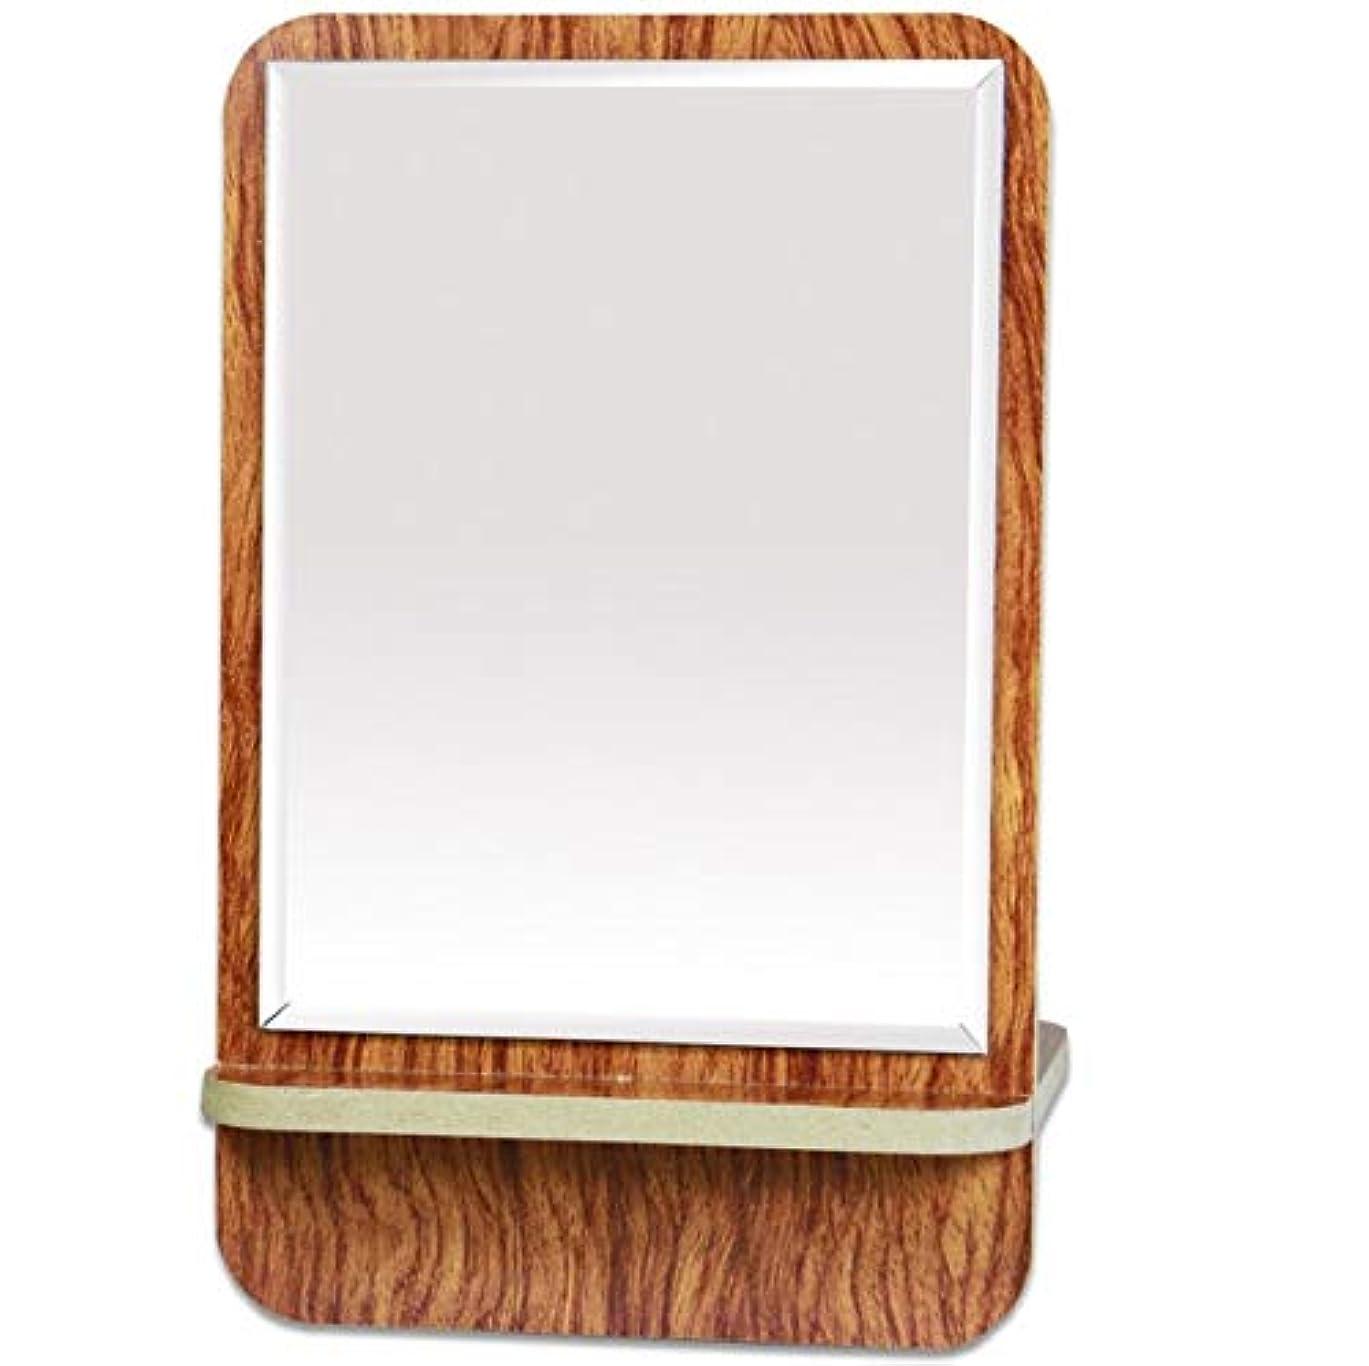 発言する正直投げる化粧鏡、木製の鏡、デスクトップ化粧鏡、化粧ギフト